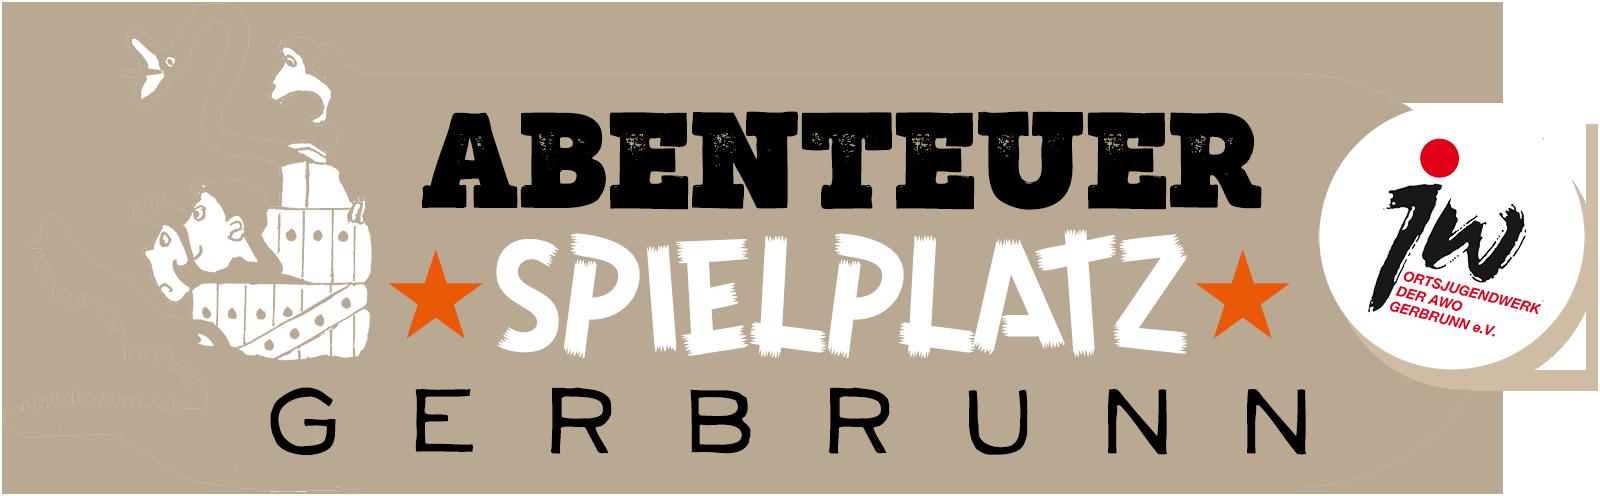 Abenteuerspielplatz Gerbrunn